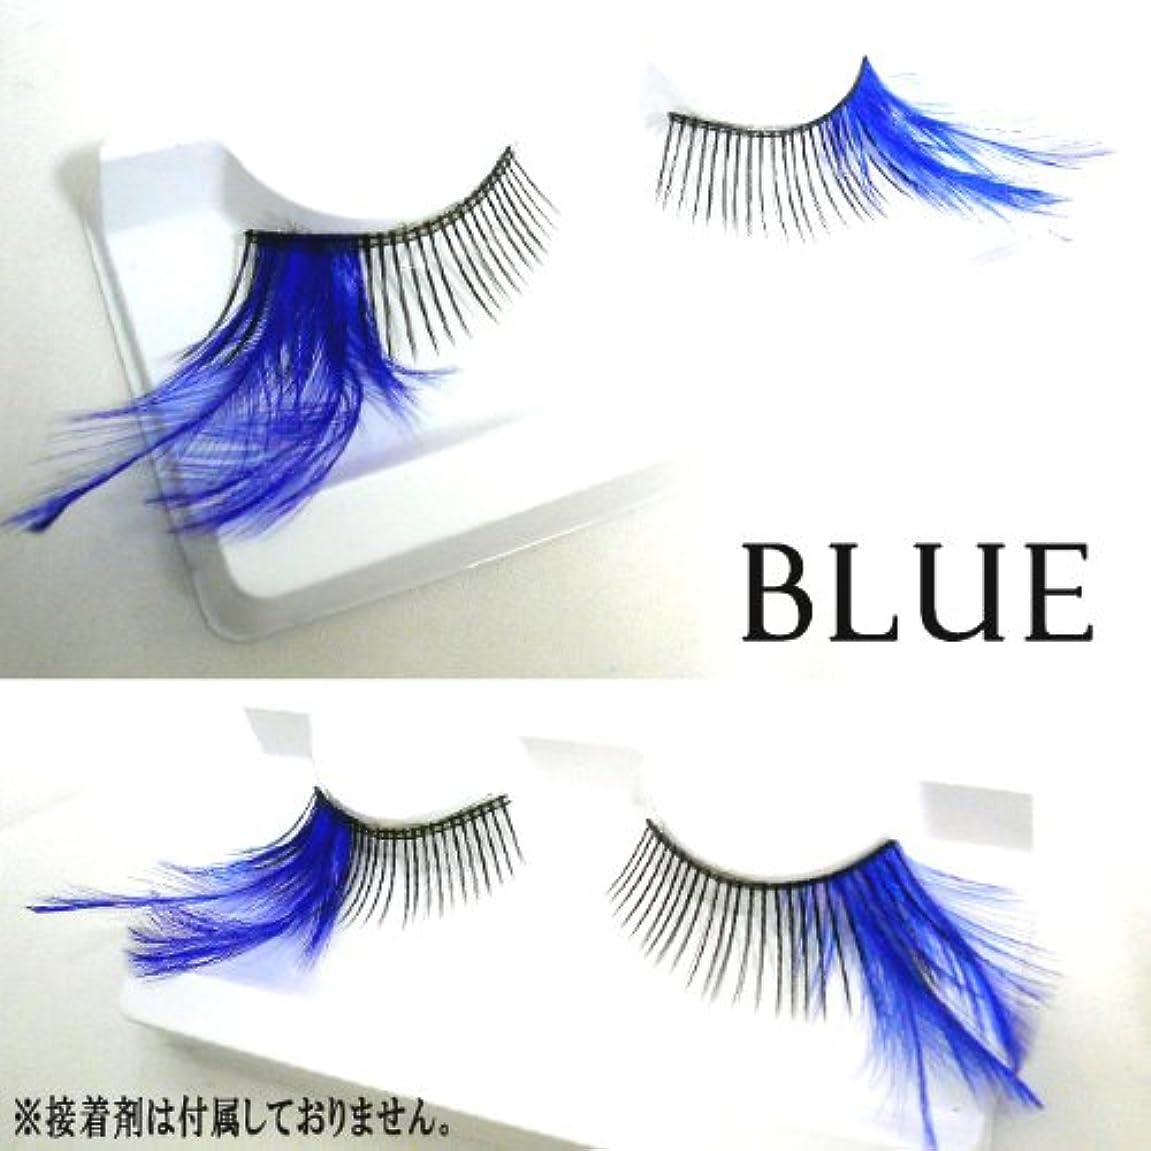 優れた温度計城羽付きつけまつげ つけまつげ 付けまつげ 羽付き 羽つき ダンス用 ダンス パーティー 発表会 tuke0012s ブルー